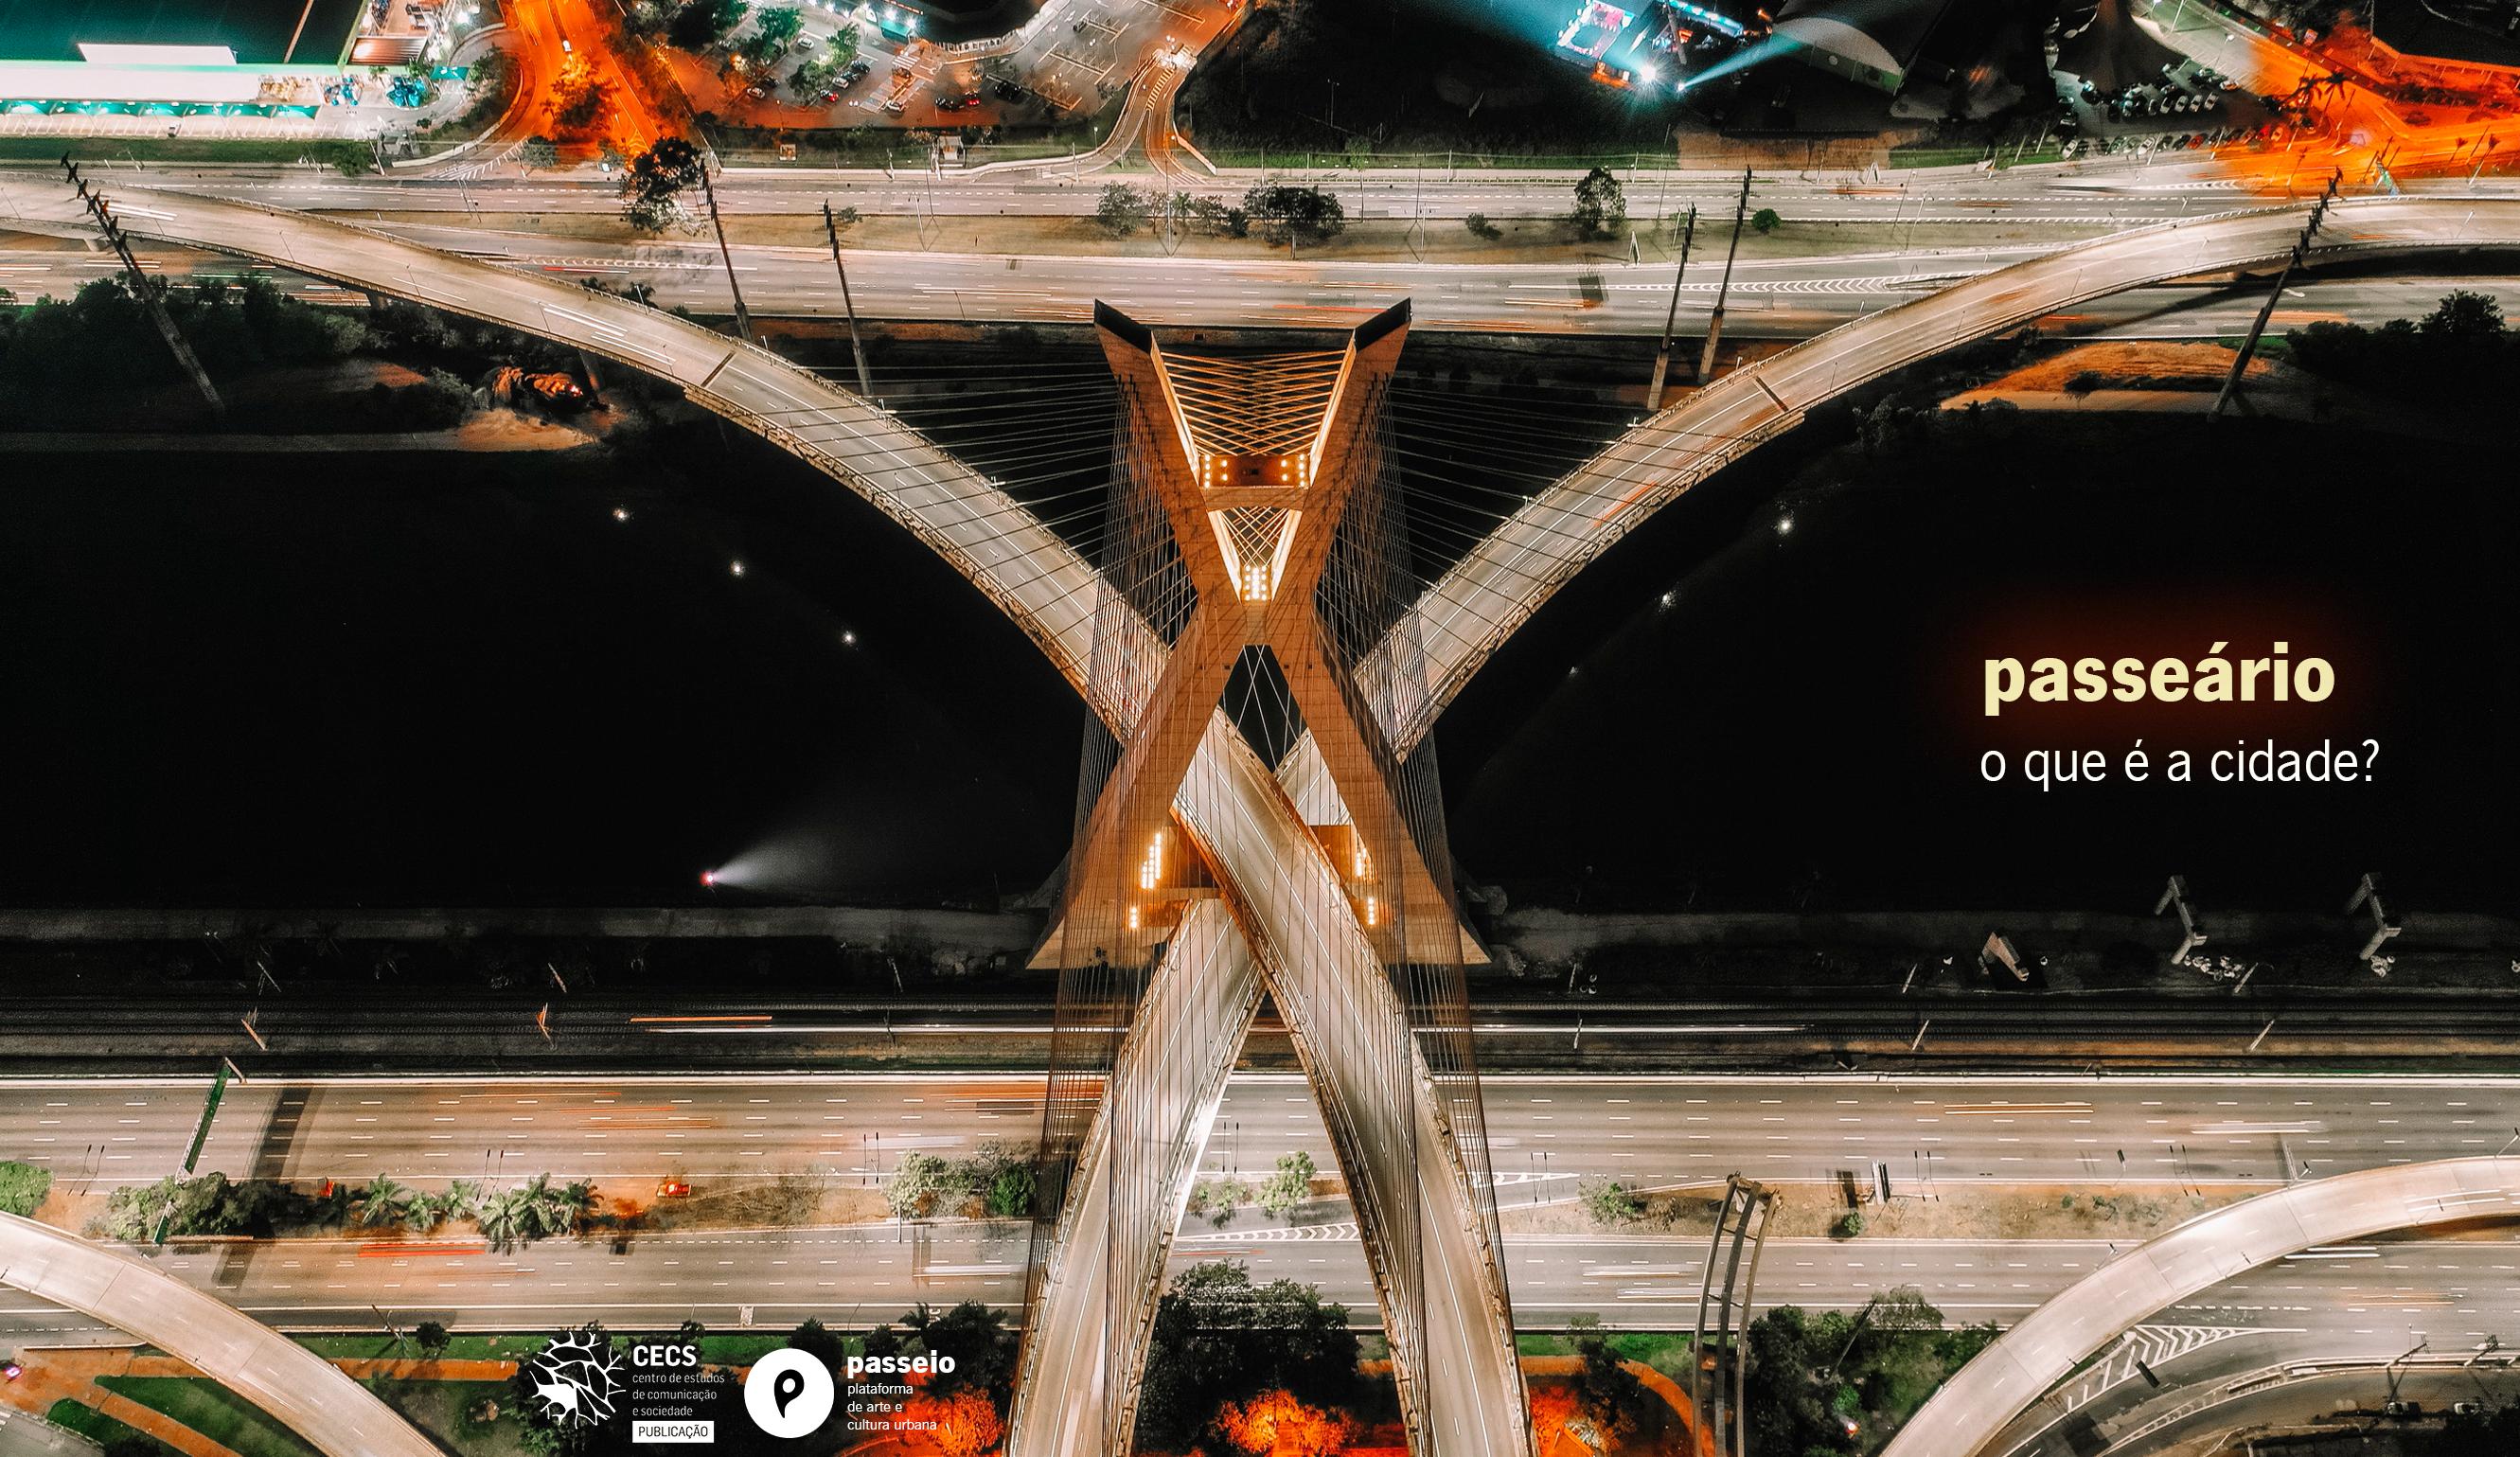 Passeário | Imagem de Sergio Souza retirada do Unsplash. Designer gráfico por Thatiana Veronez